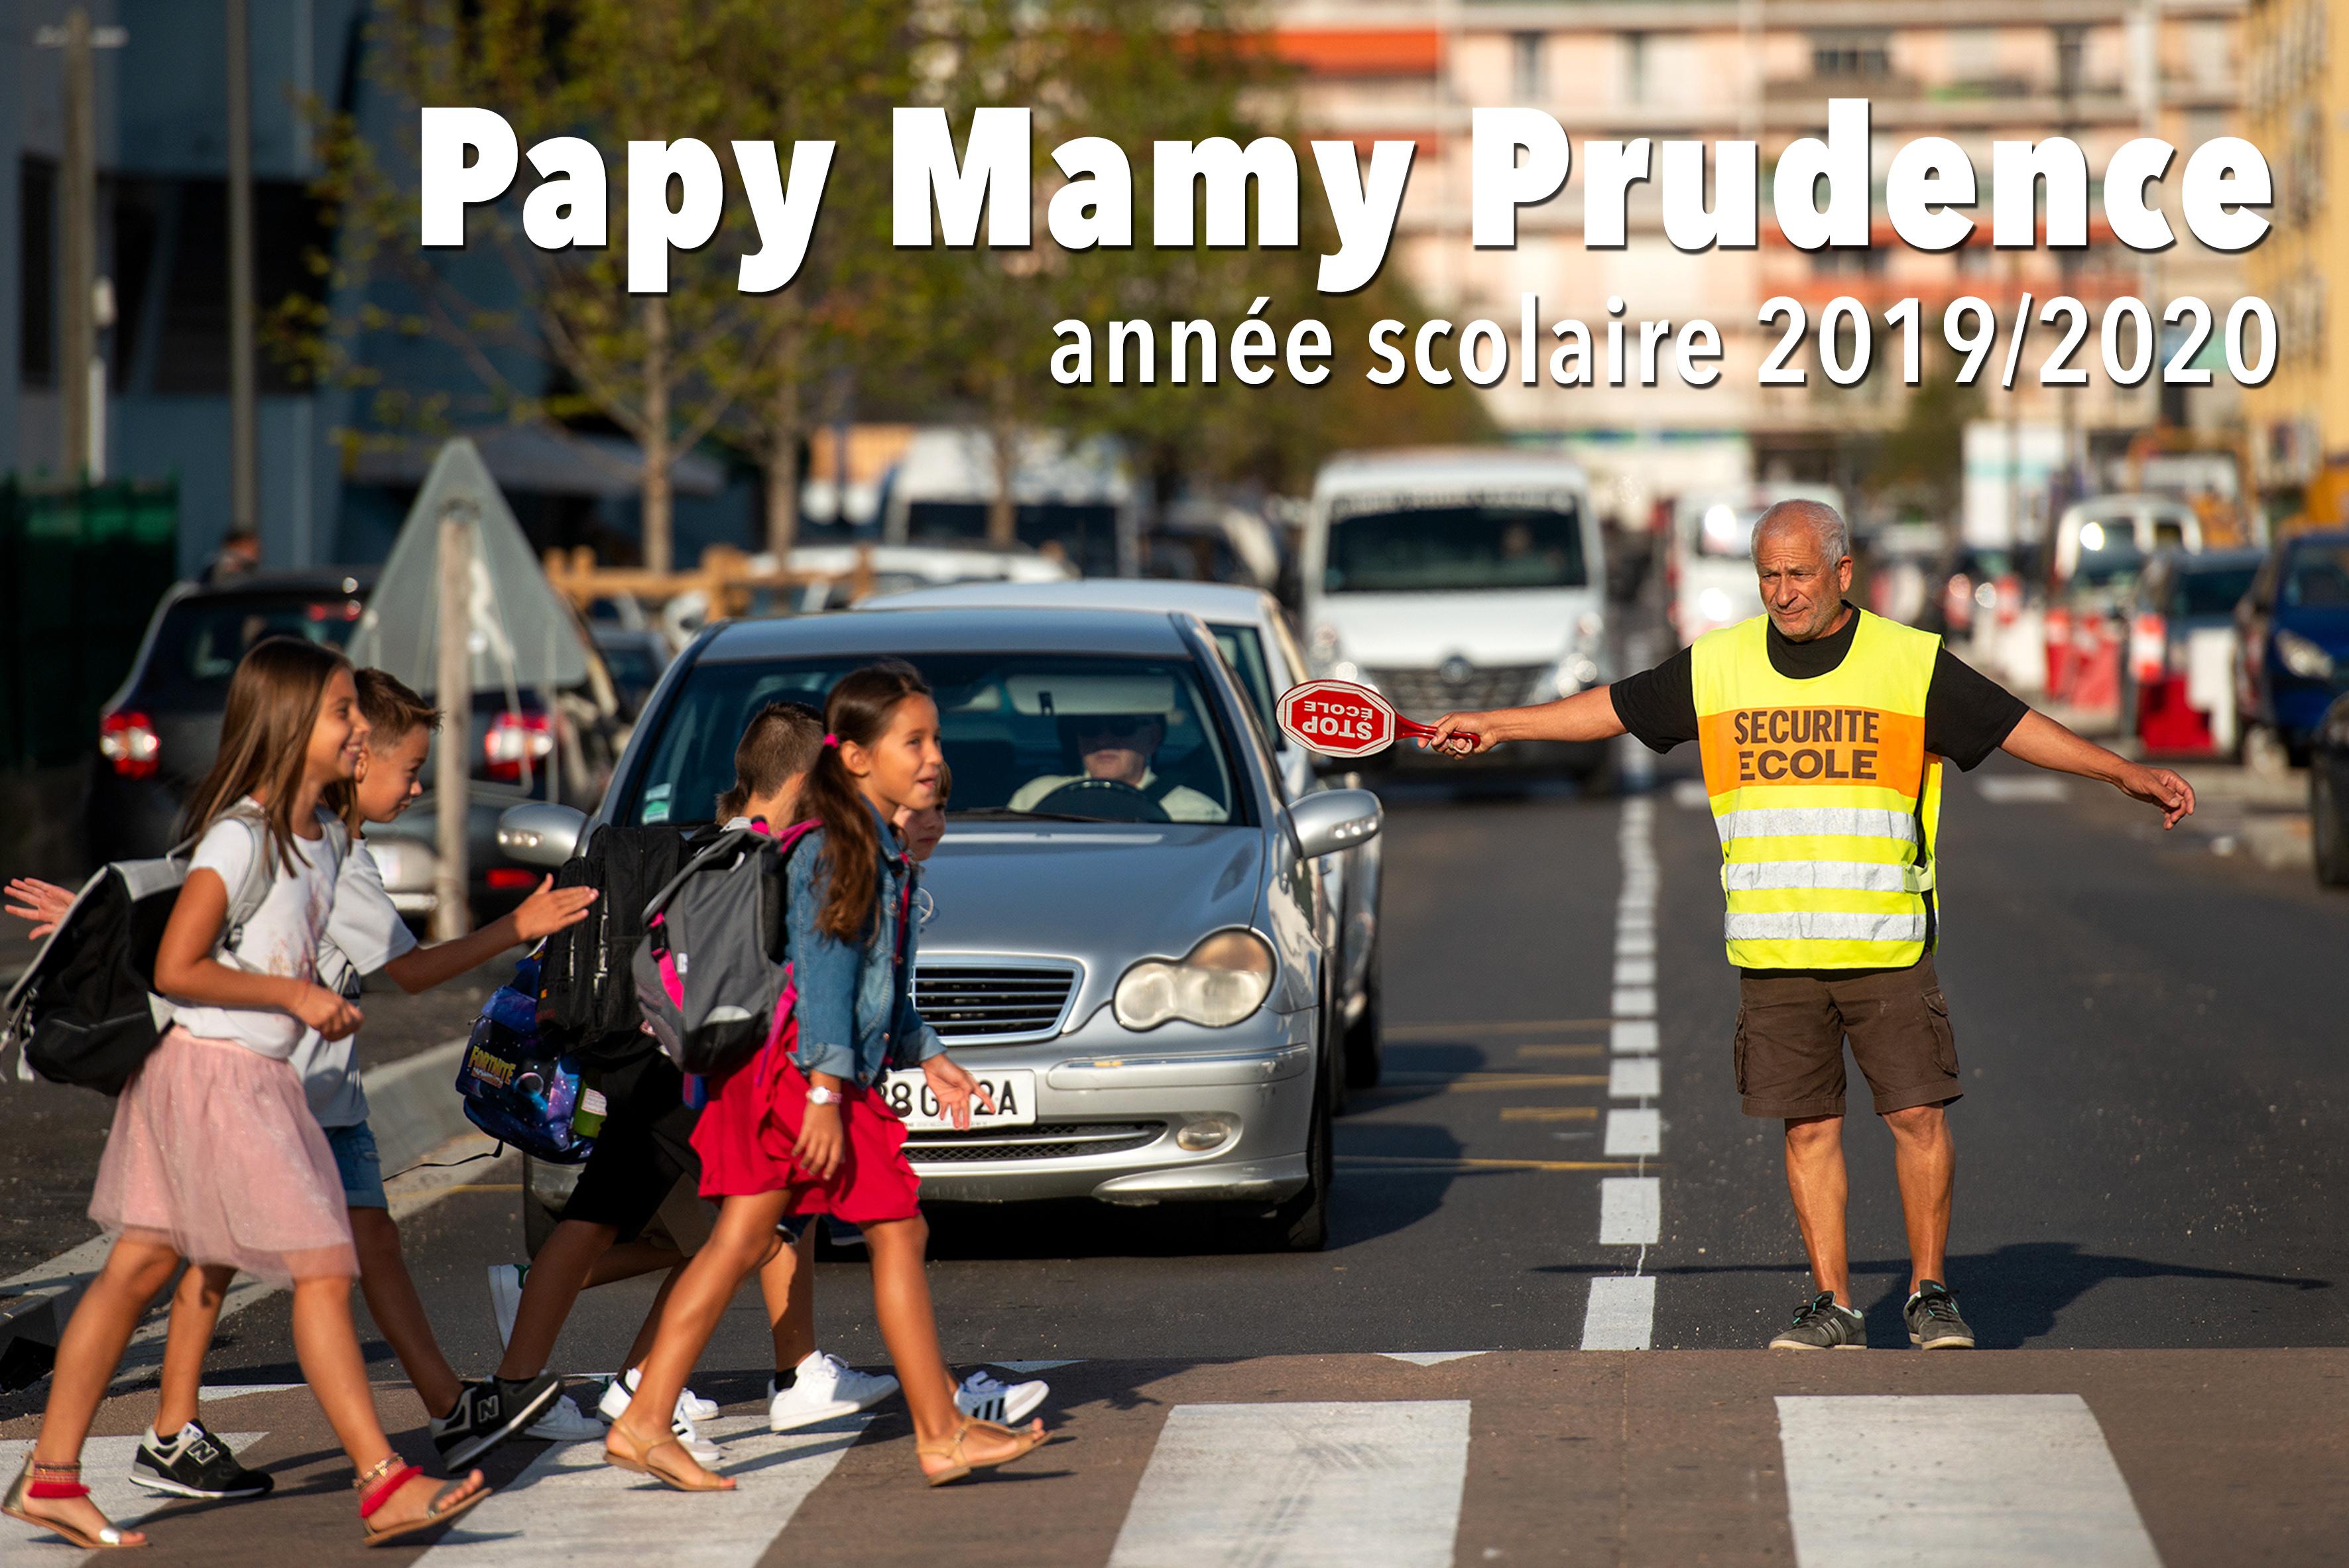 La Ville d'Ajaccio recherche des Papys et Mamys prudence